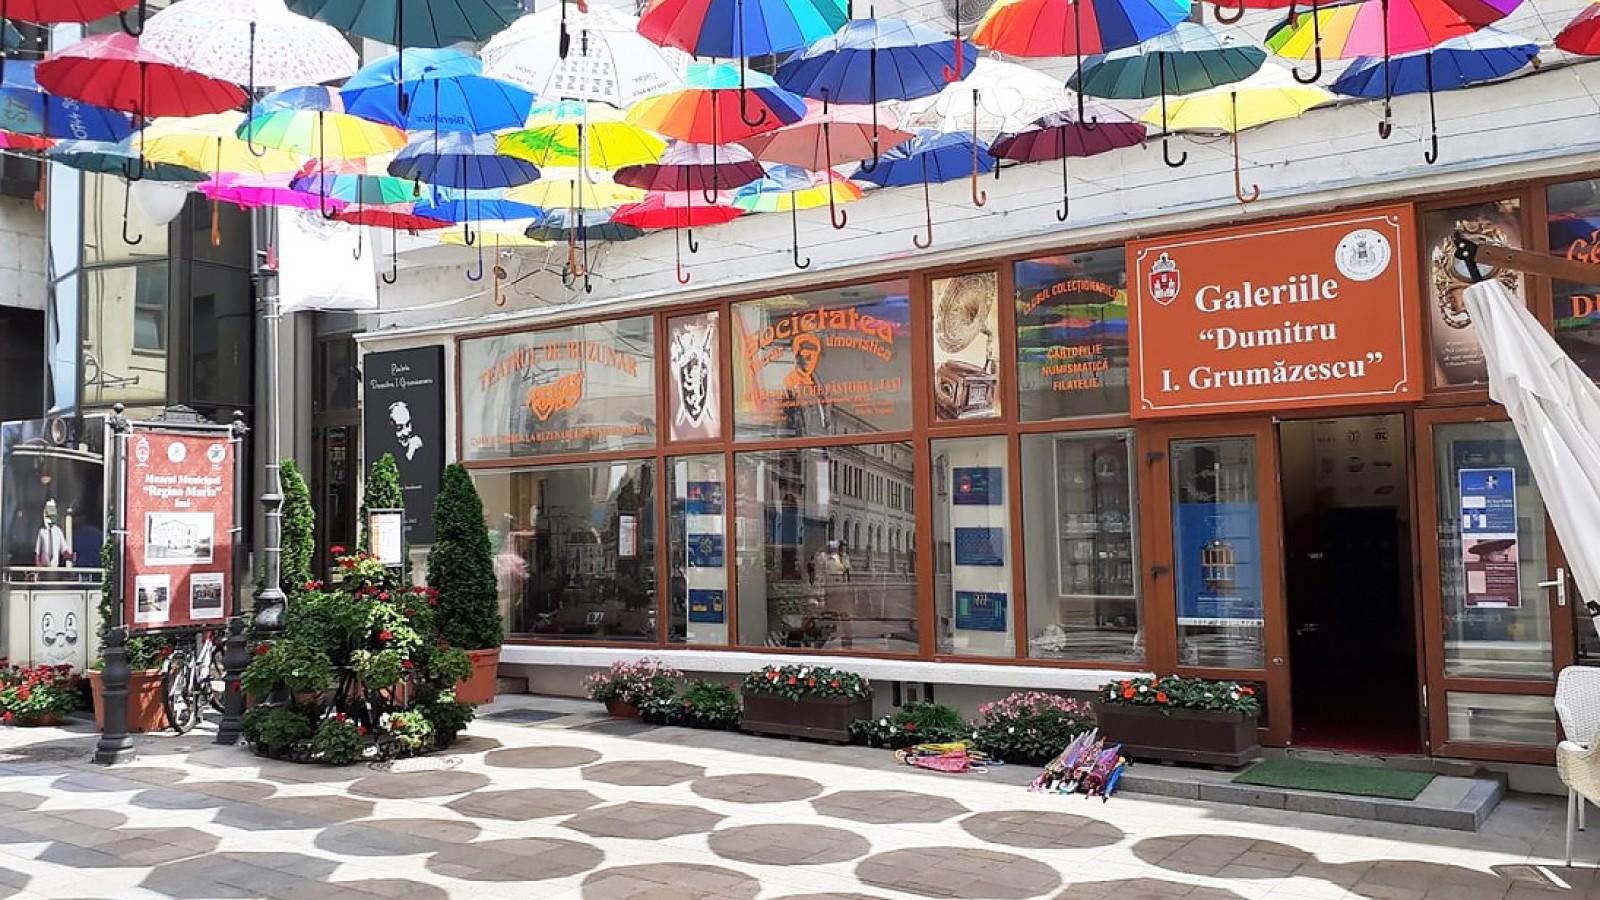 Galeriile Dumitru I. Grumazescu